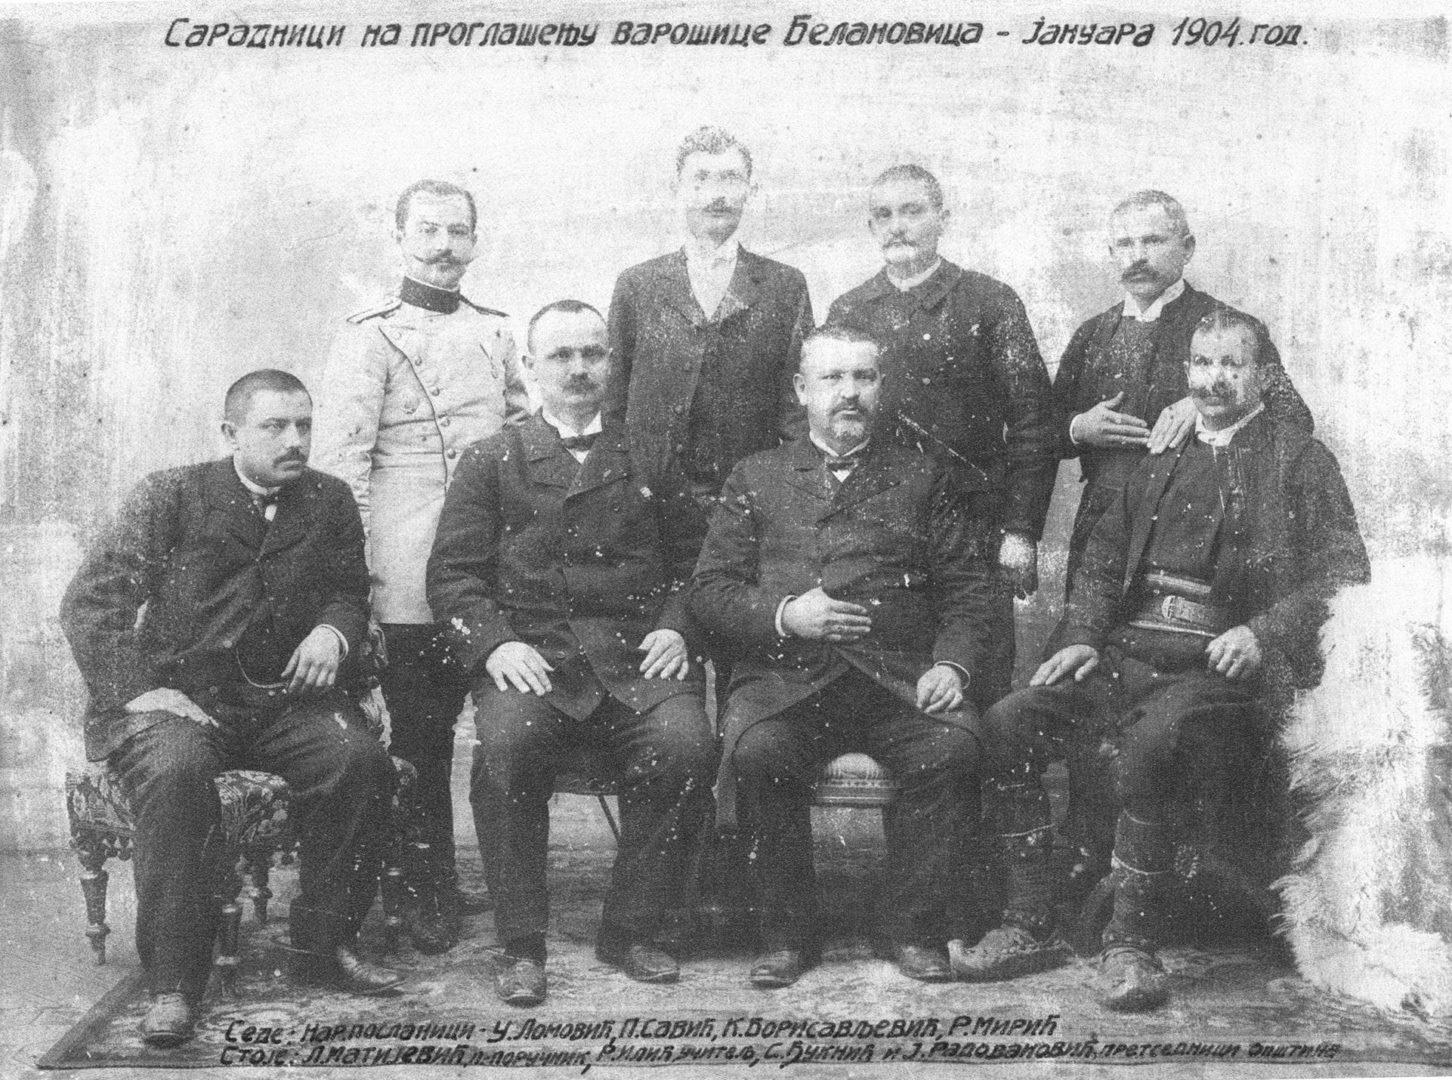 Сарадници на проглашењу варошице Белановица, 1904. година